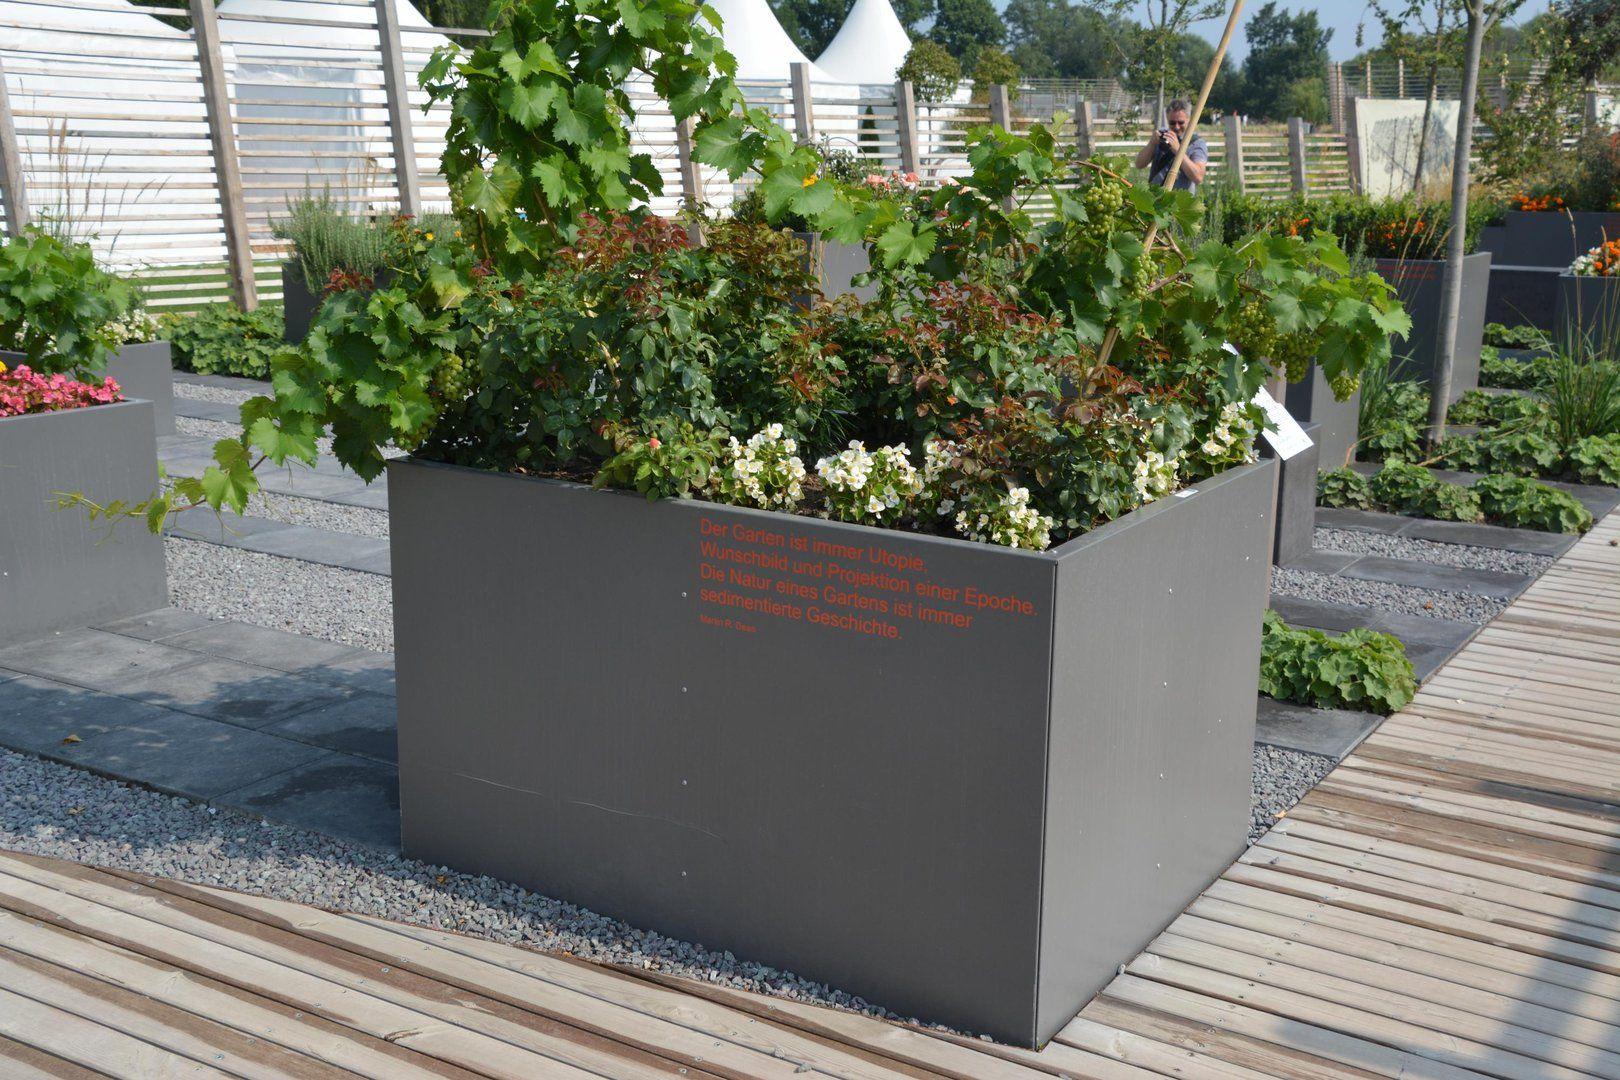 Hochbeet Urban Metall 0 3 X 0 3 M Hohe 0 5 M Beschichtet In 2020 Hochbeet Gartenboden Verzinktes Blech